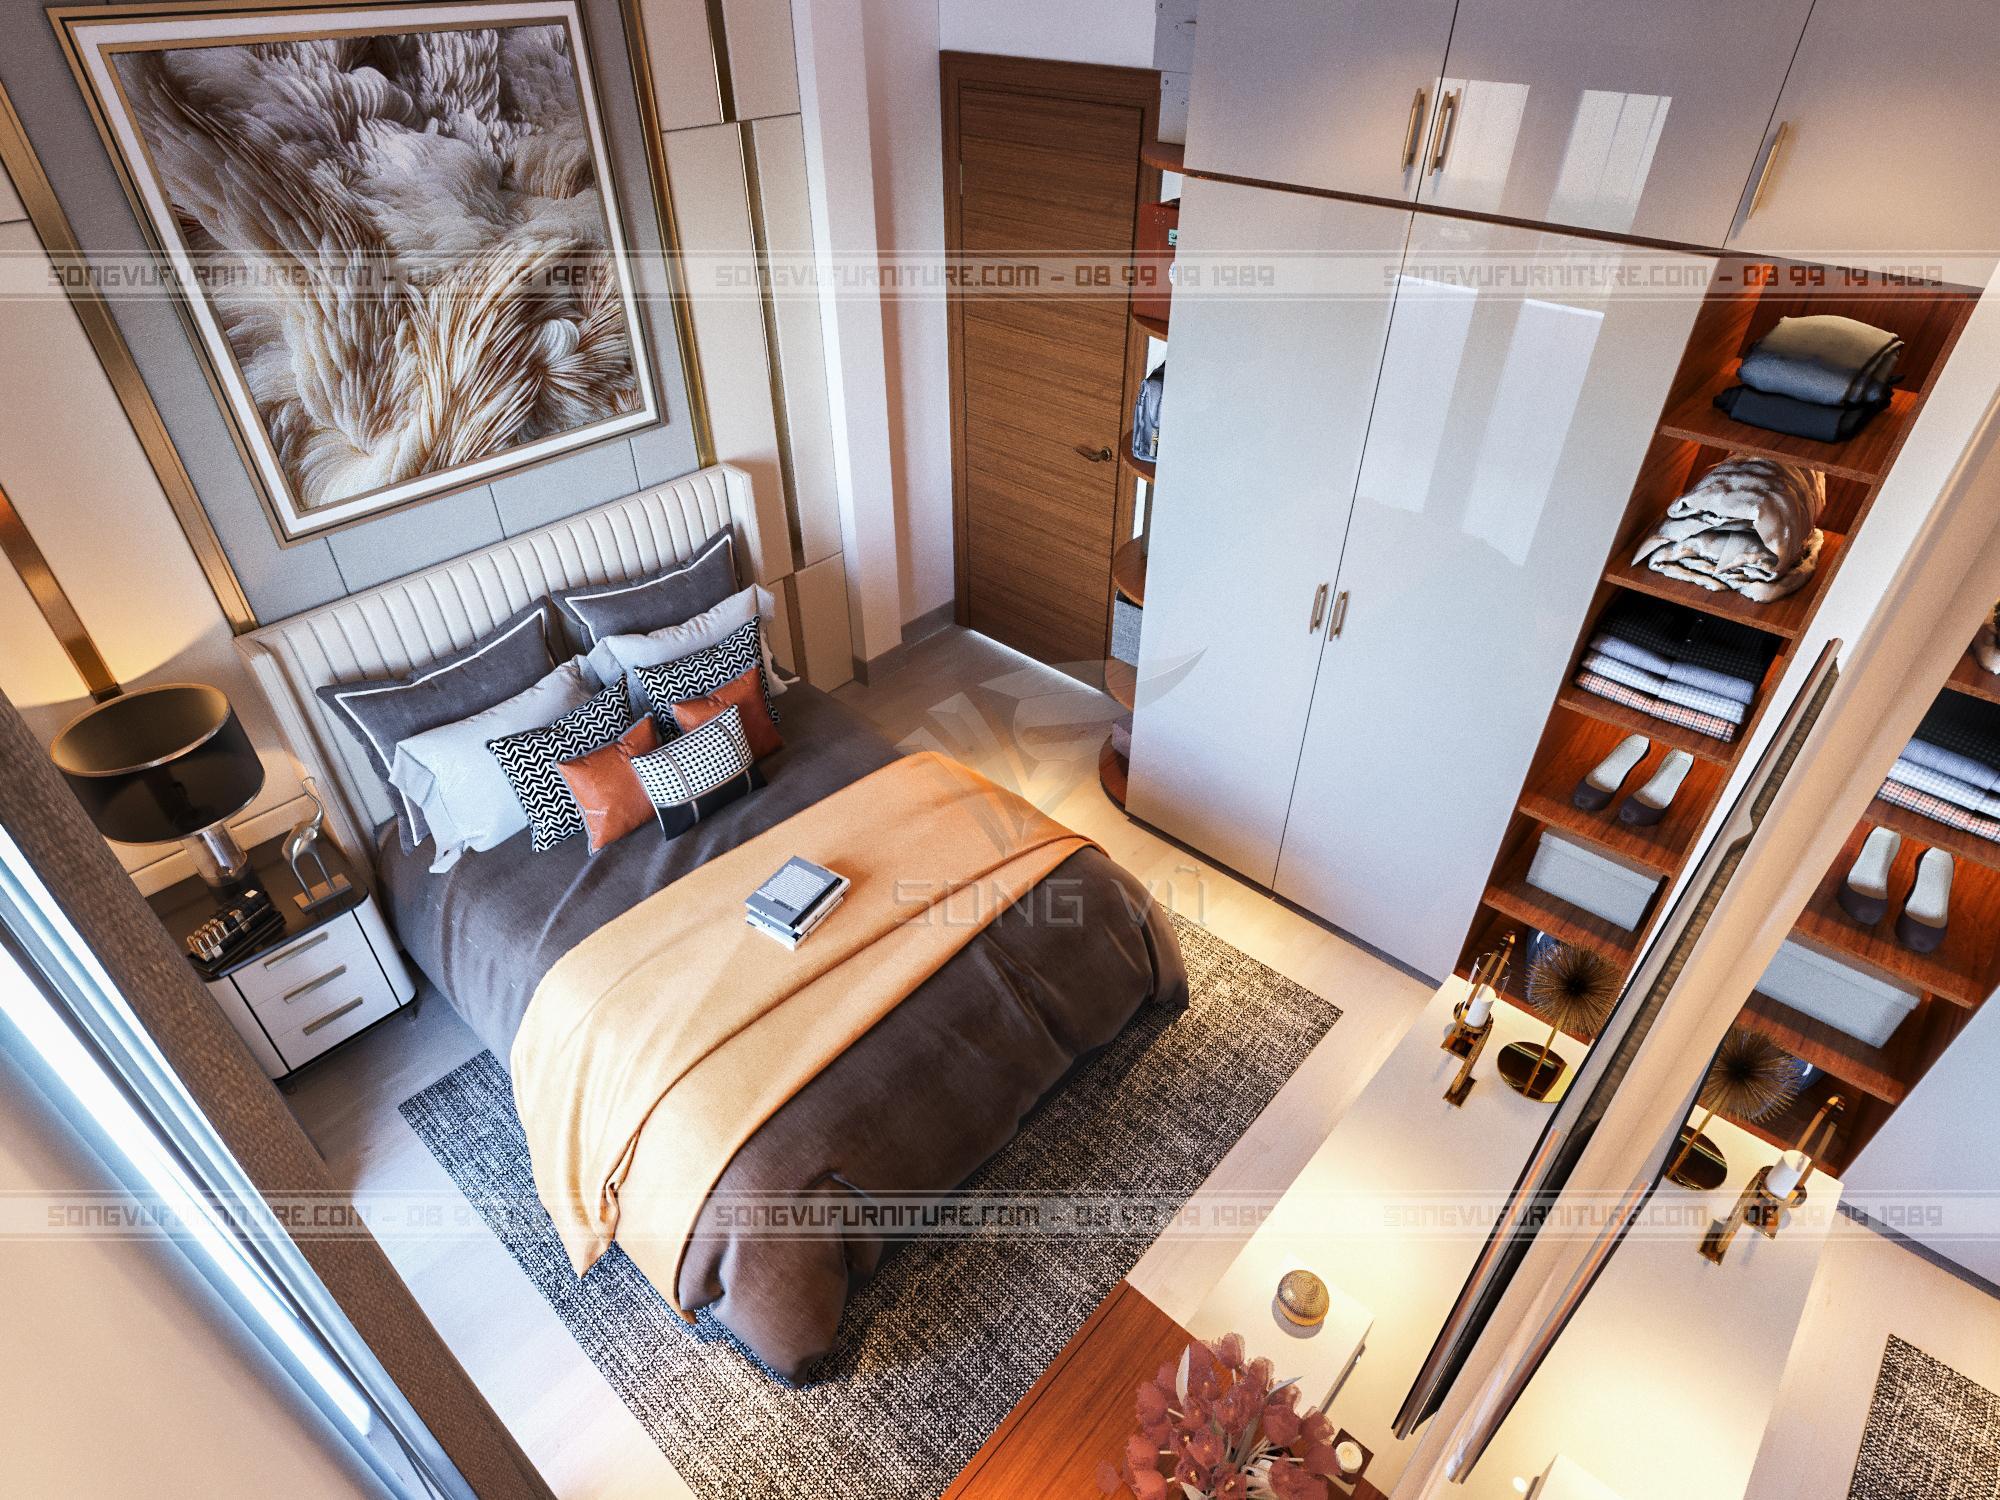 Phòng ngủ có nội thất bằng gỗ nhìn đẹp hiện đại